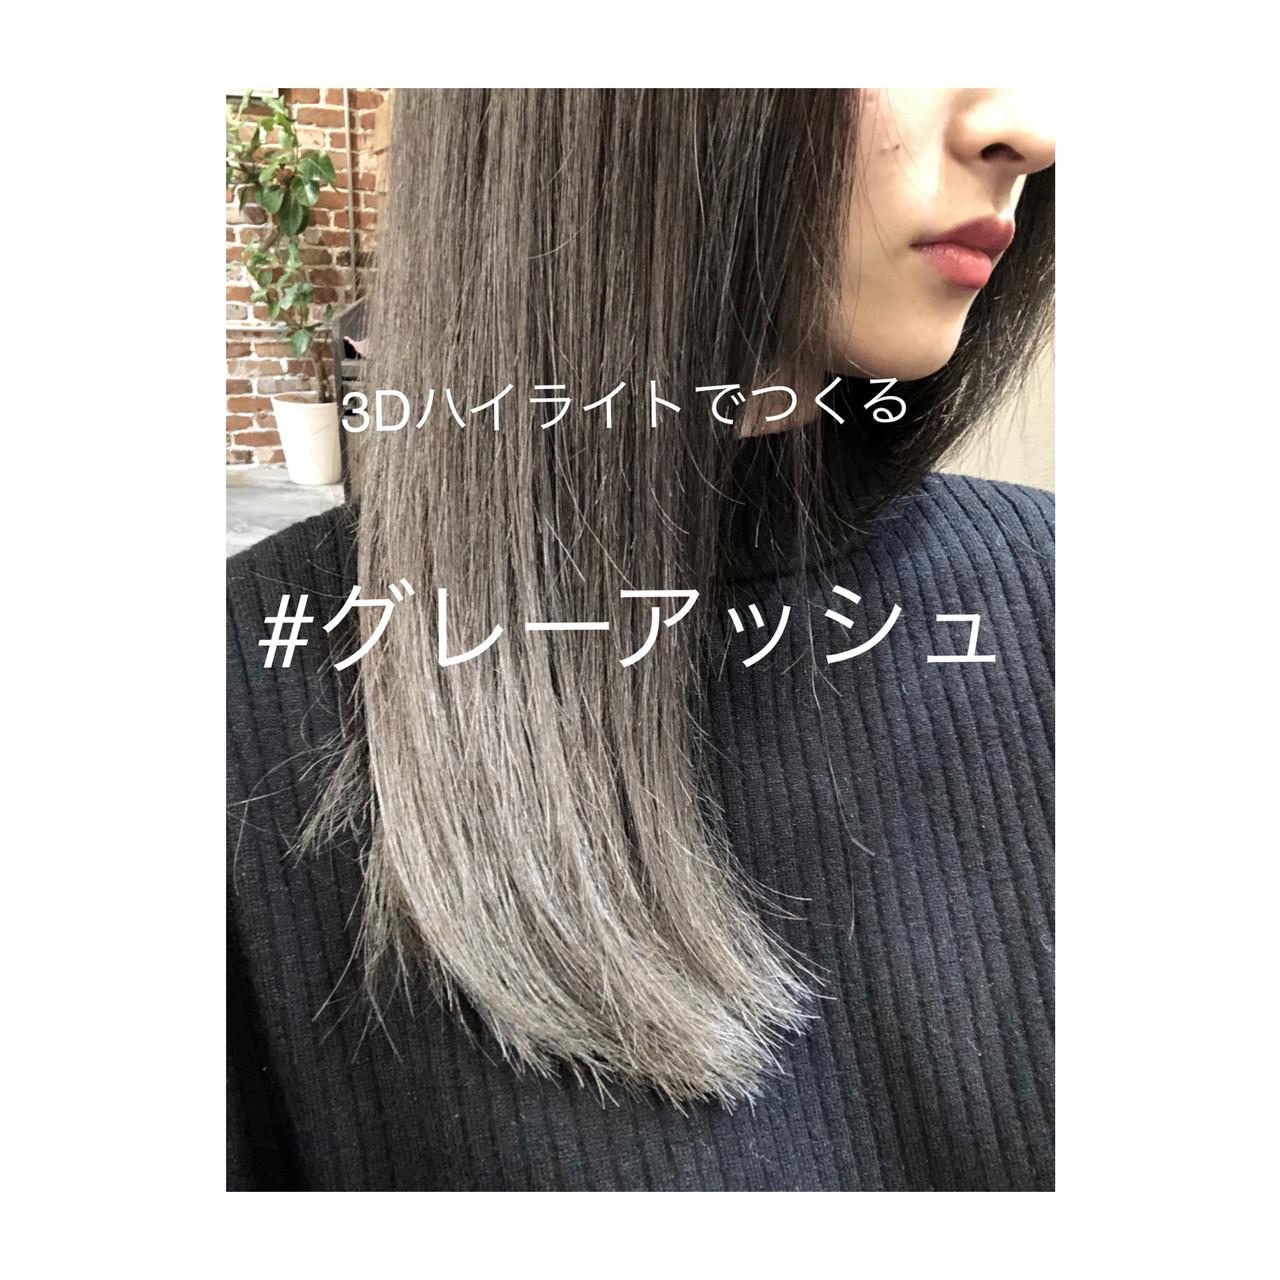 デジタルパーマ ナチュラル アンニュイほつれヘア イルミナカラー ヘアスタイルや髪型の写真・画像